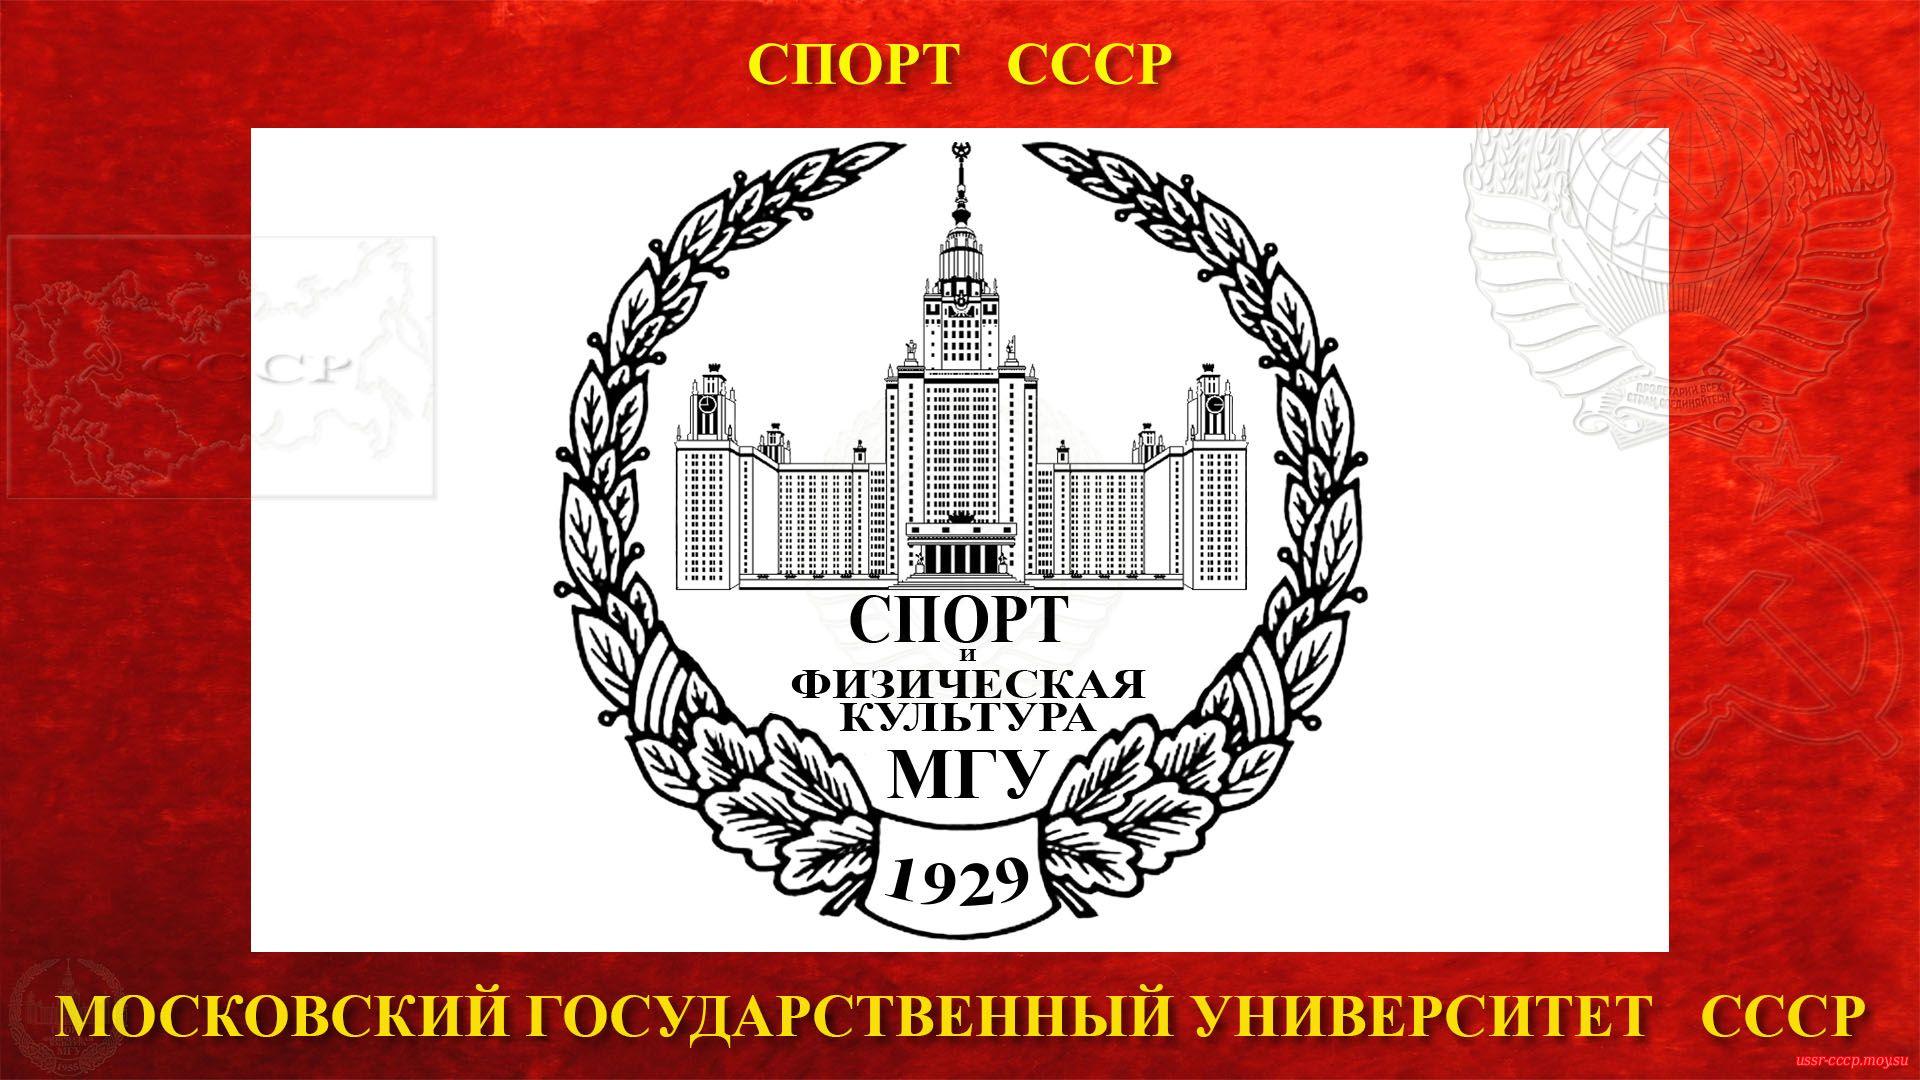 Спорт и физическая культура МГУ (1929)